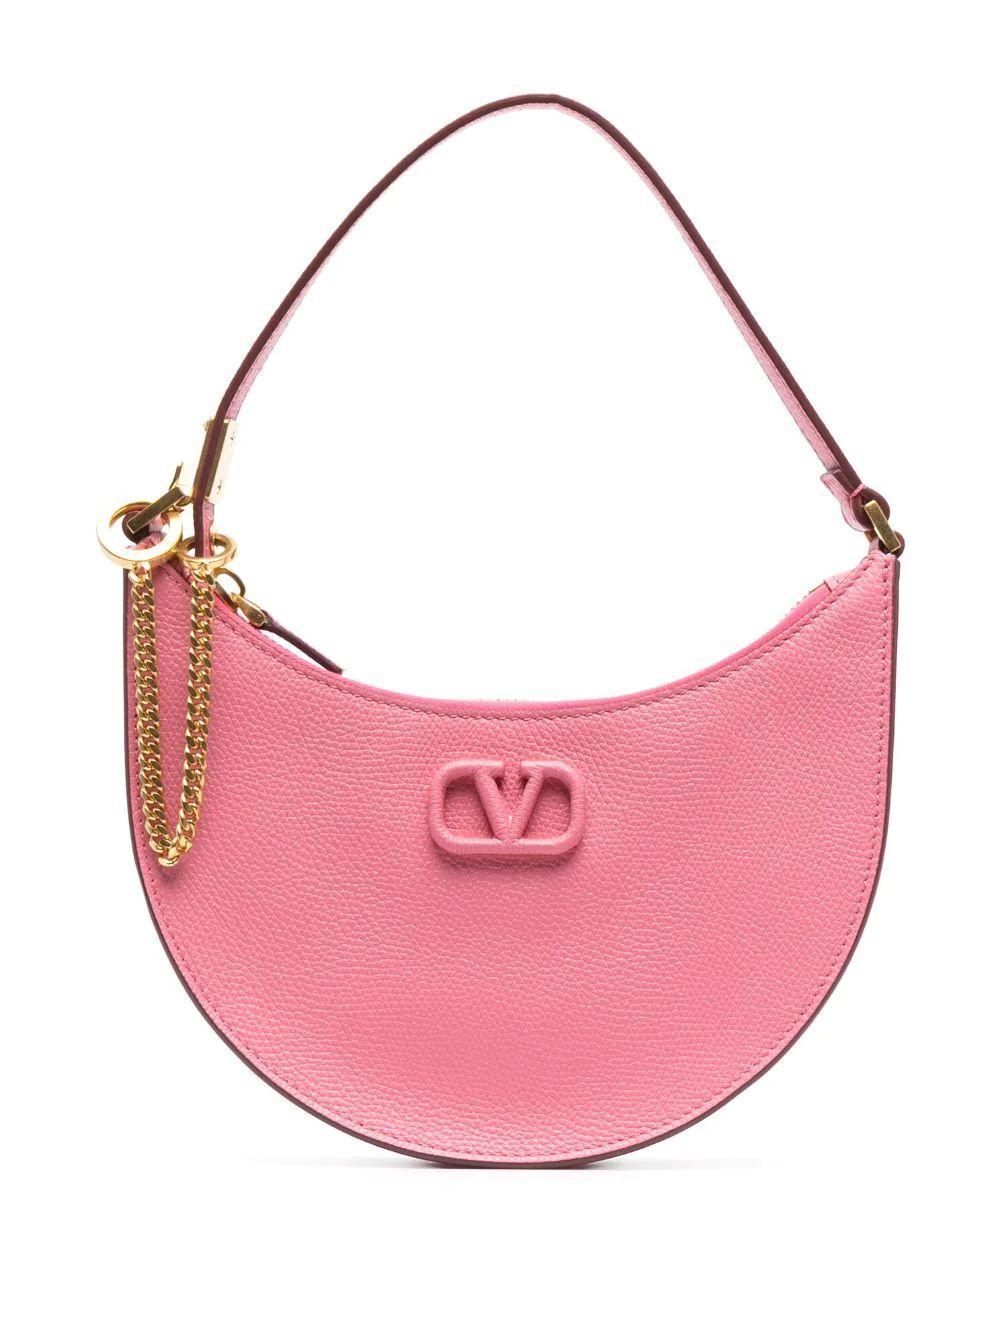 VSling Mini Hobo Bag